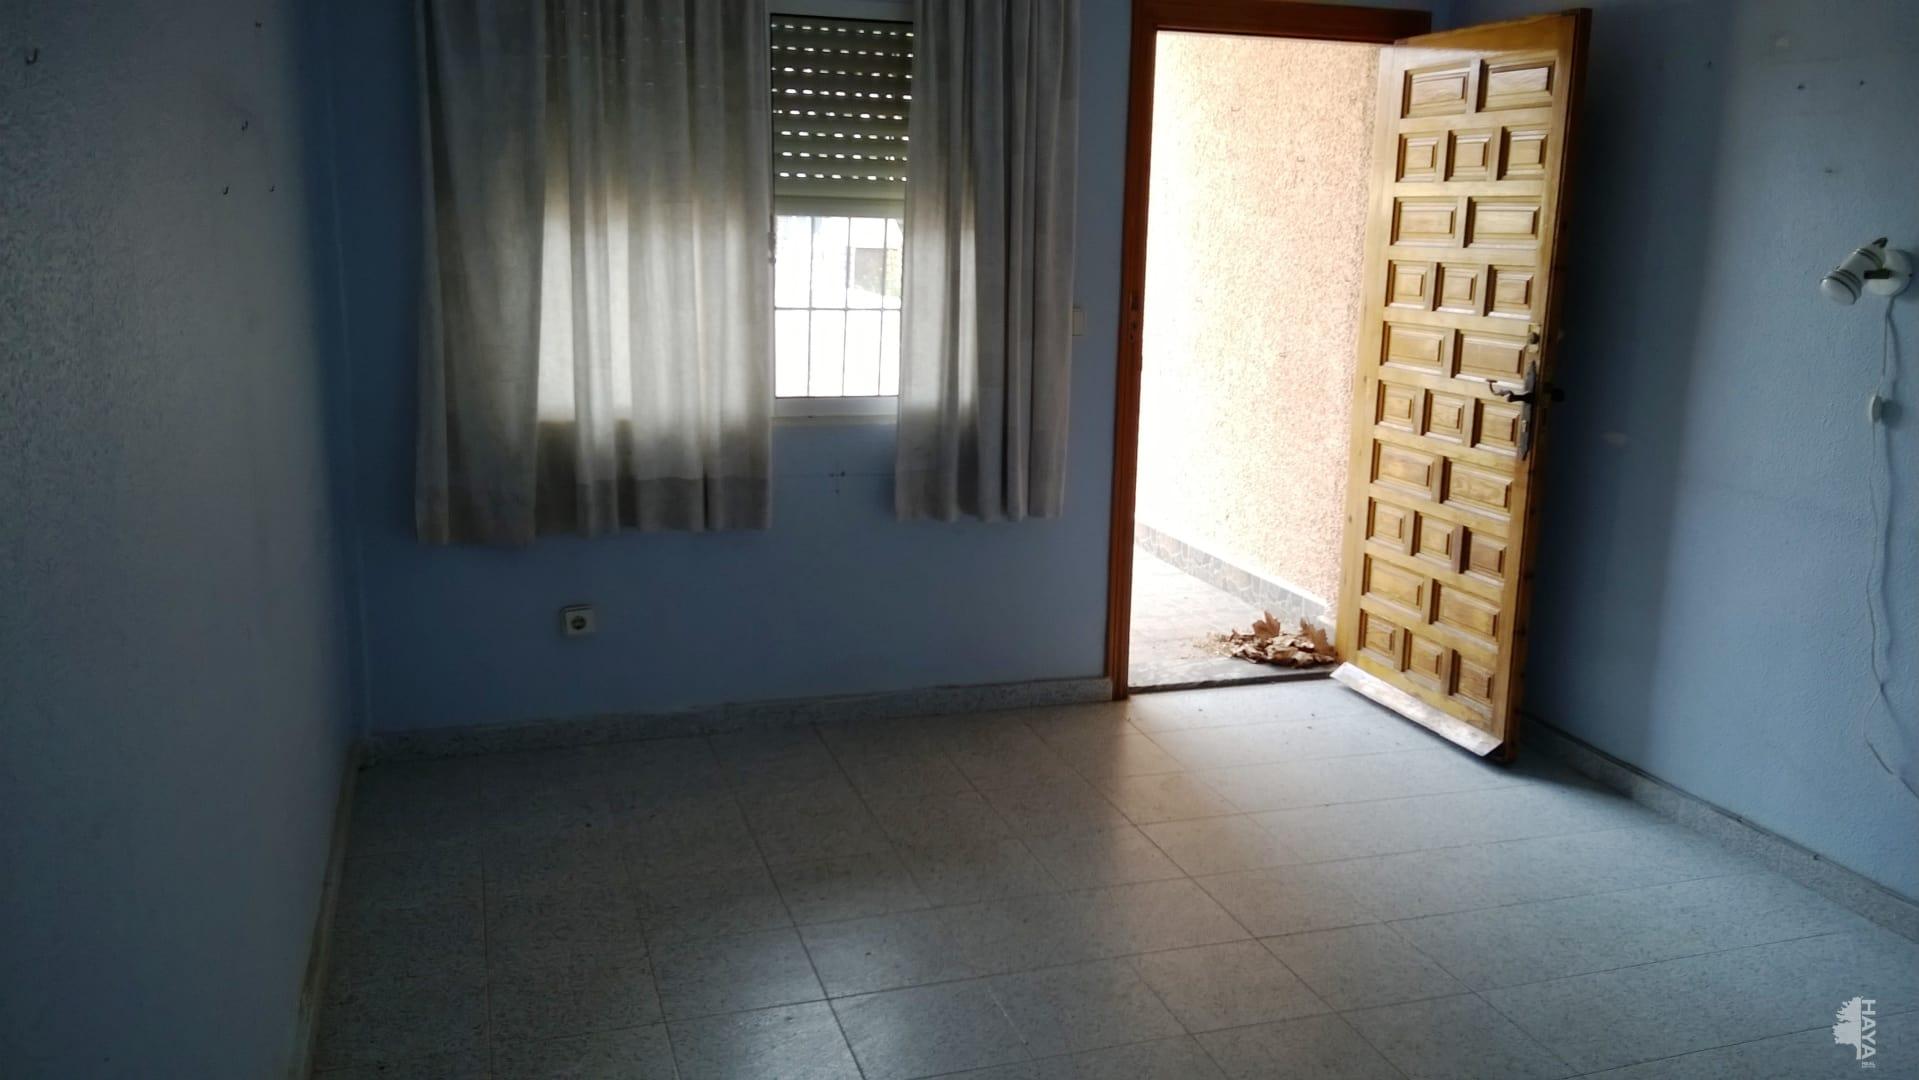 Piso en venta en Los Alcázares, Murcia, Calle Amsterdam, 84.934 €, 2 habitaciones, 2 baños, 64 m2